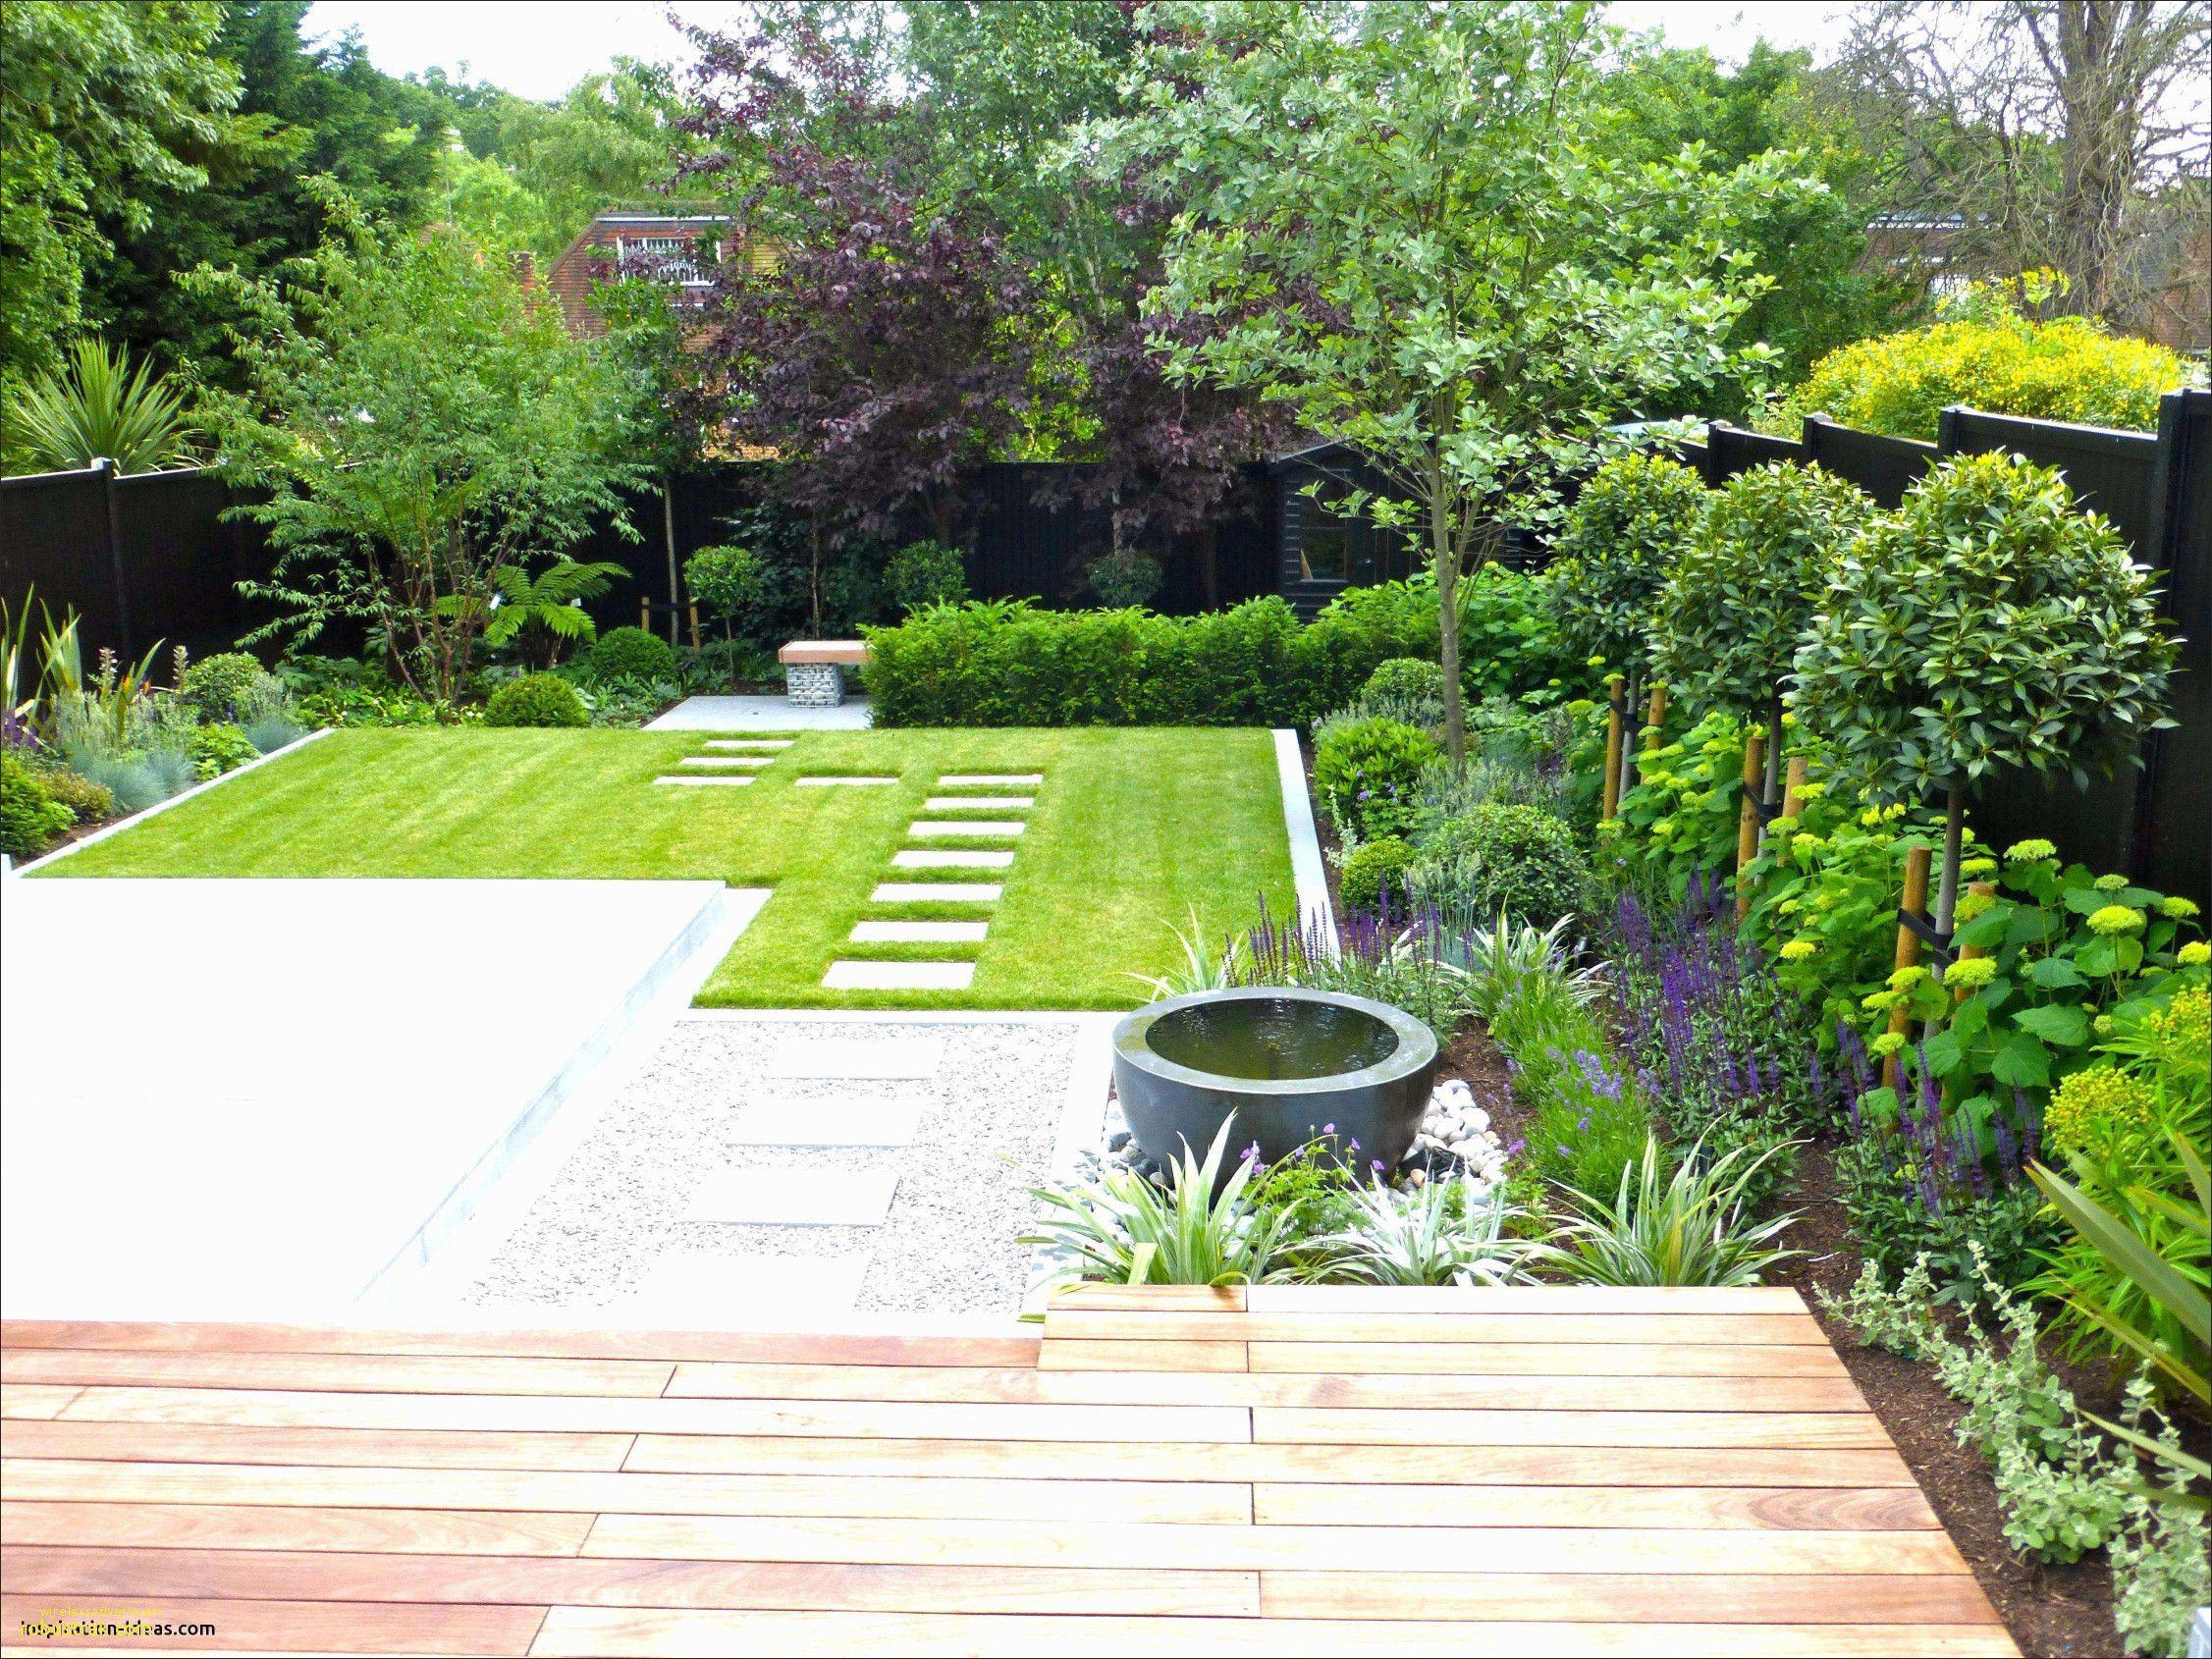 Which Gardening Magazine Top Elegant House And Garden Magazine Garden Ideas Small Backyard Landscaping Garden Landscape Design Small Garden Design Backyard & garden design ideas magazine